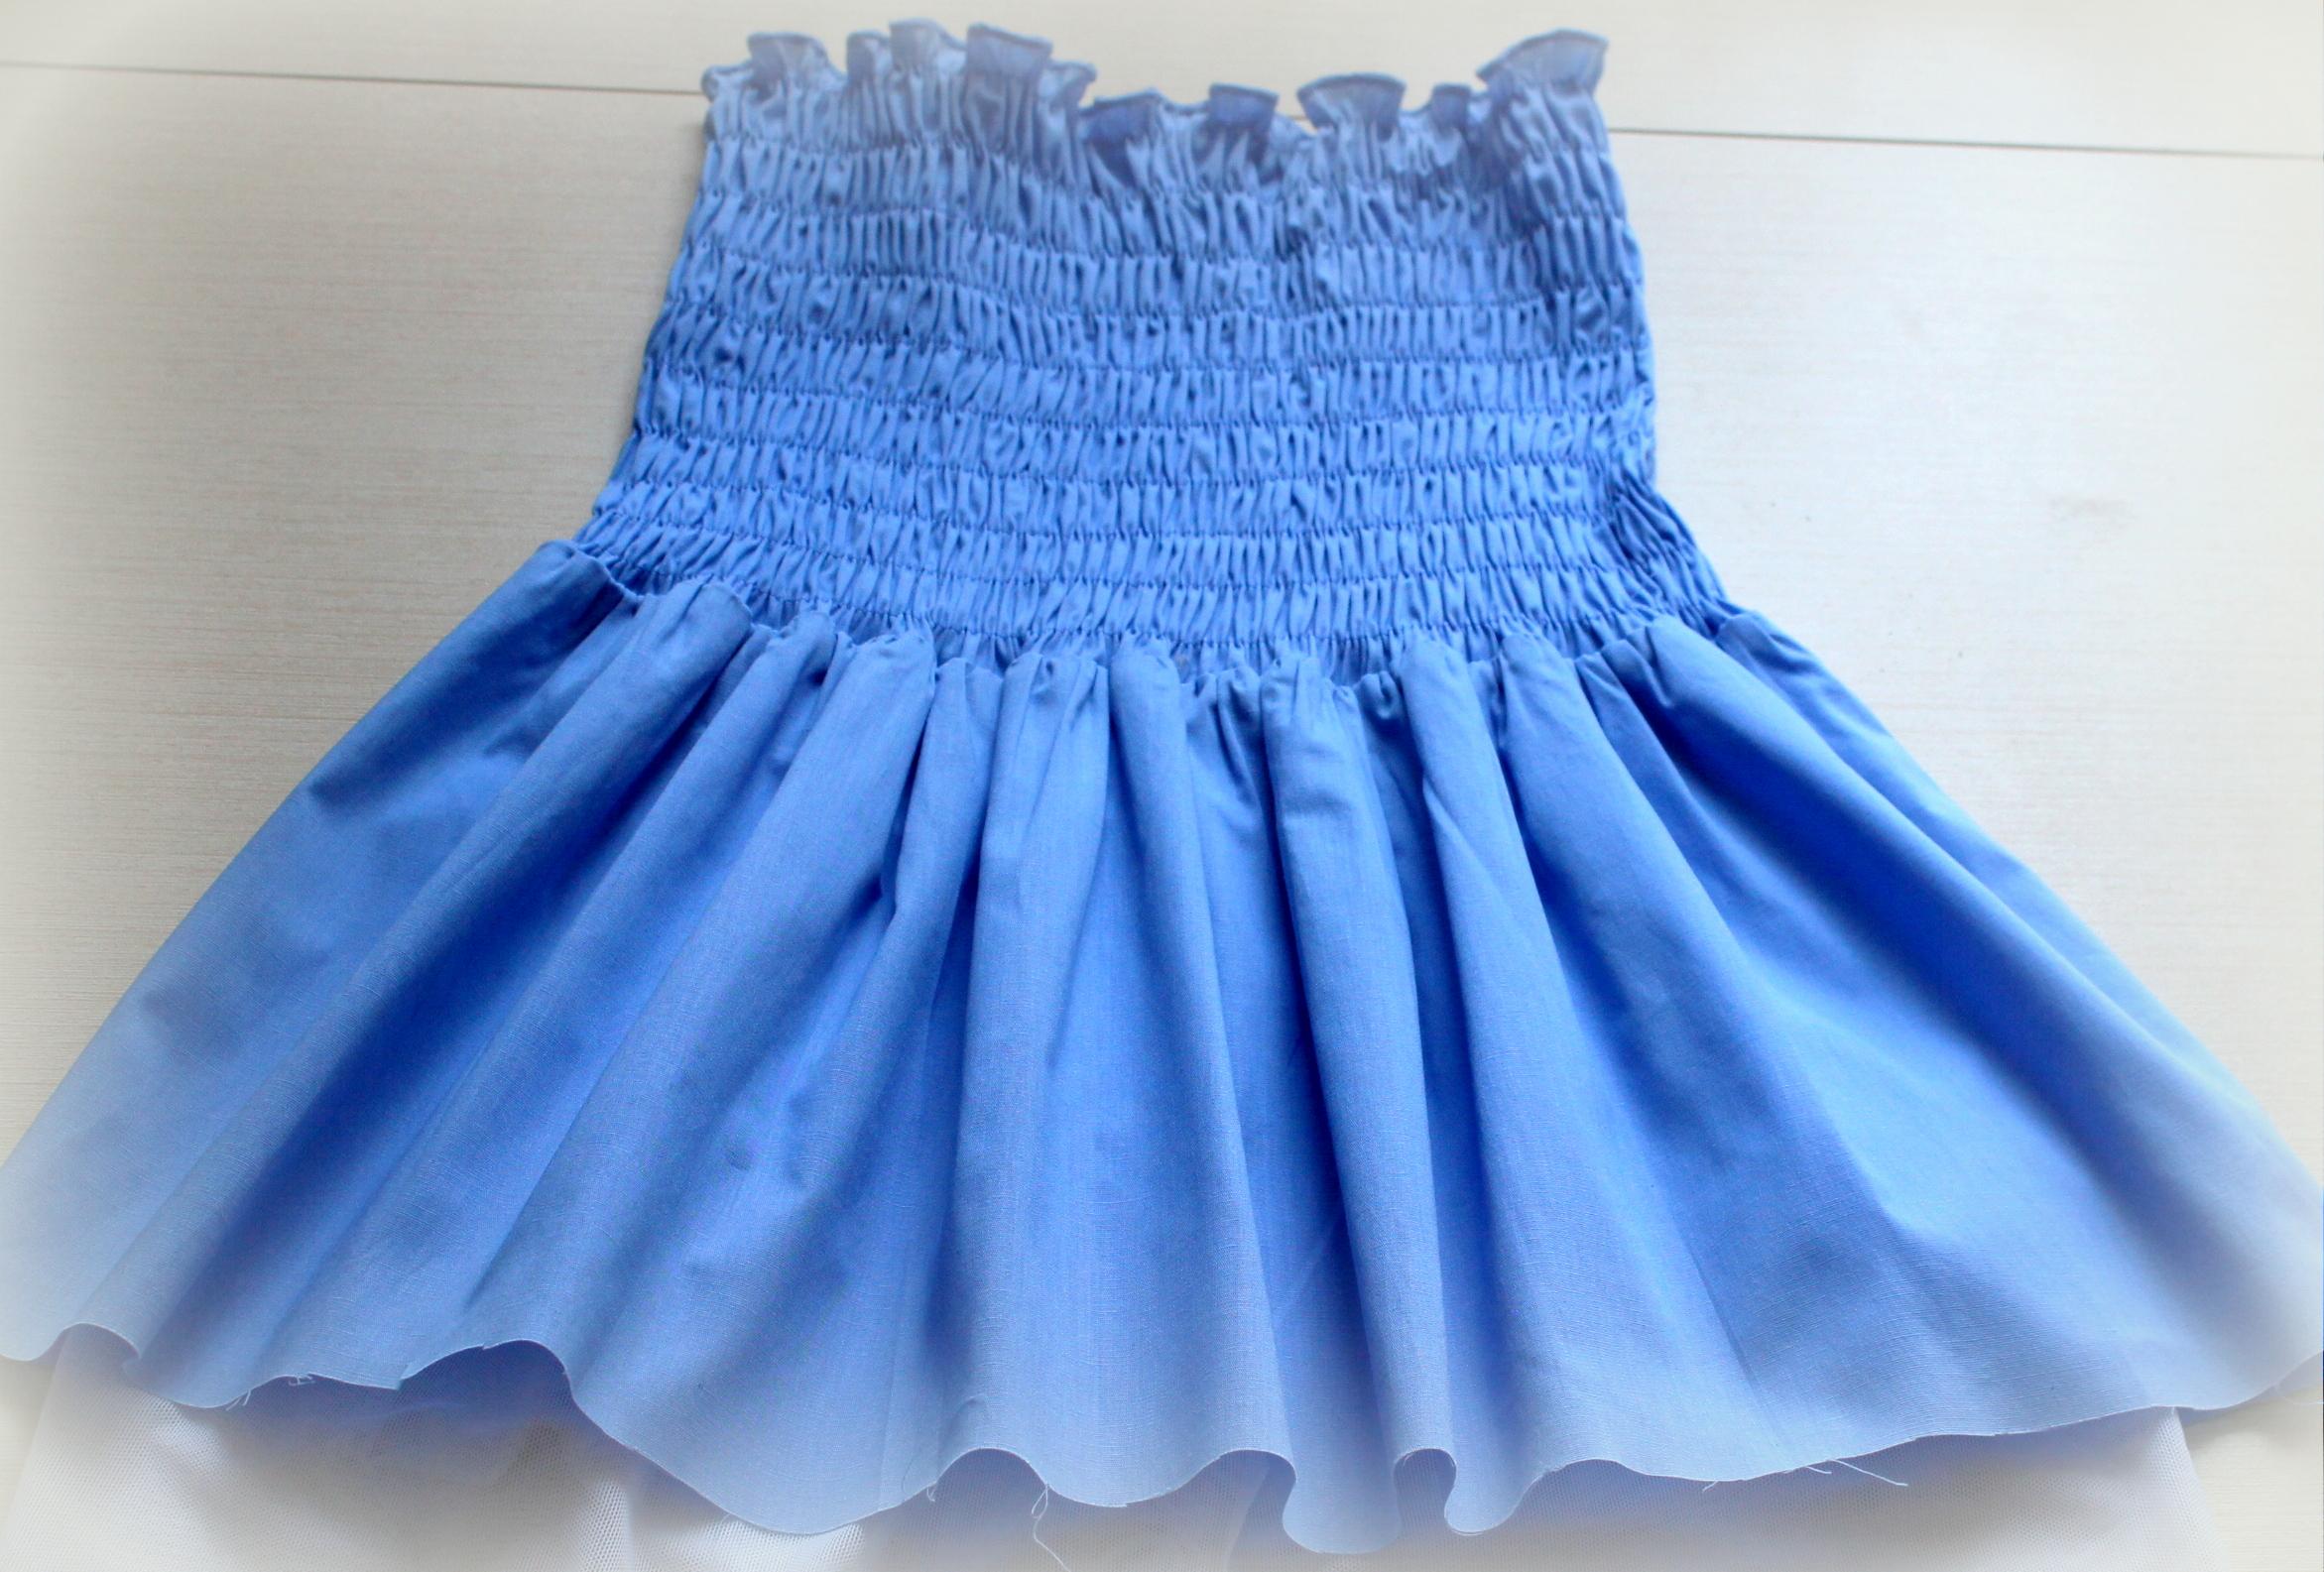 Как сшить одежду своими руками Выкройки платья, юбки 38